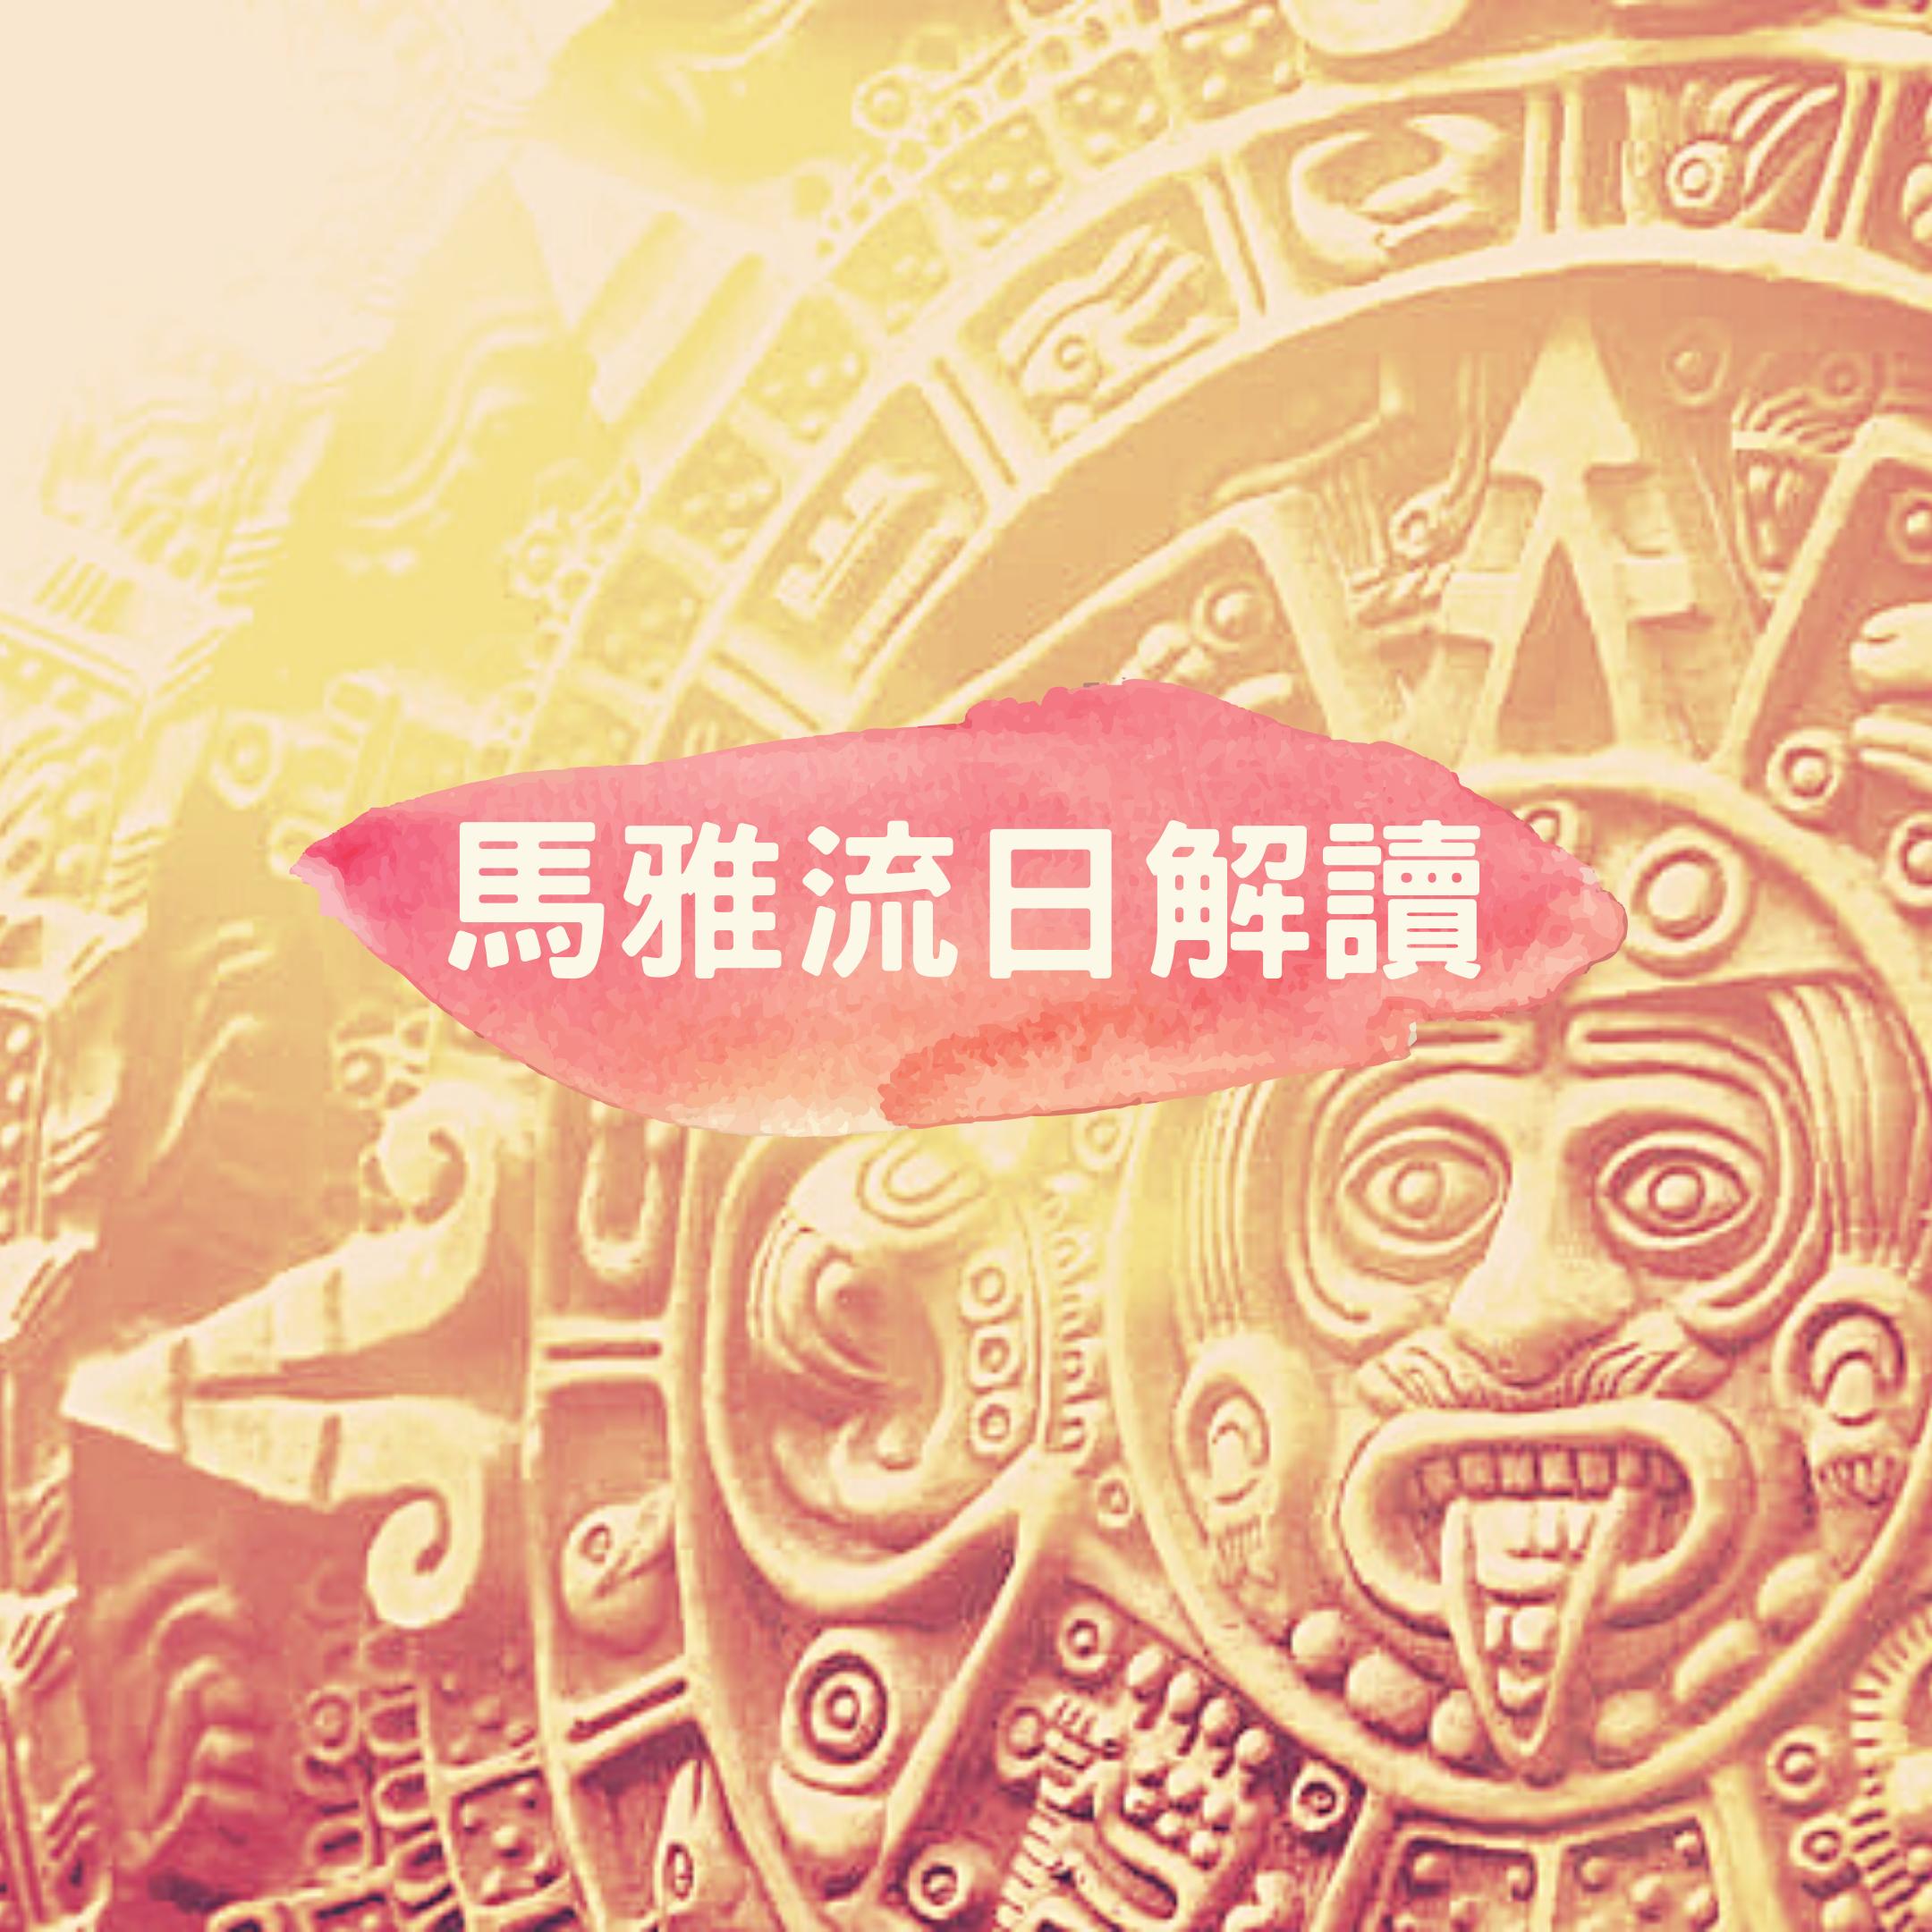 馬雅流日10.25|kin 210 月亮白狗